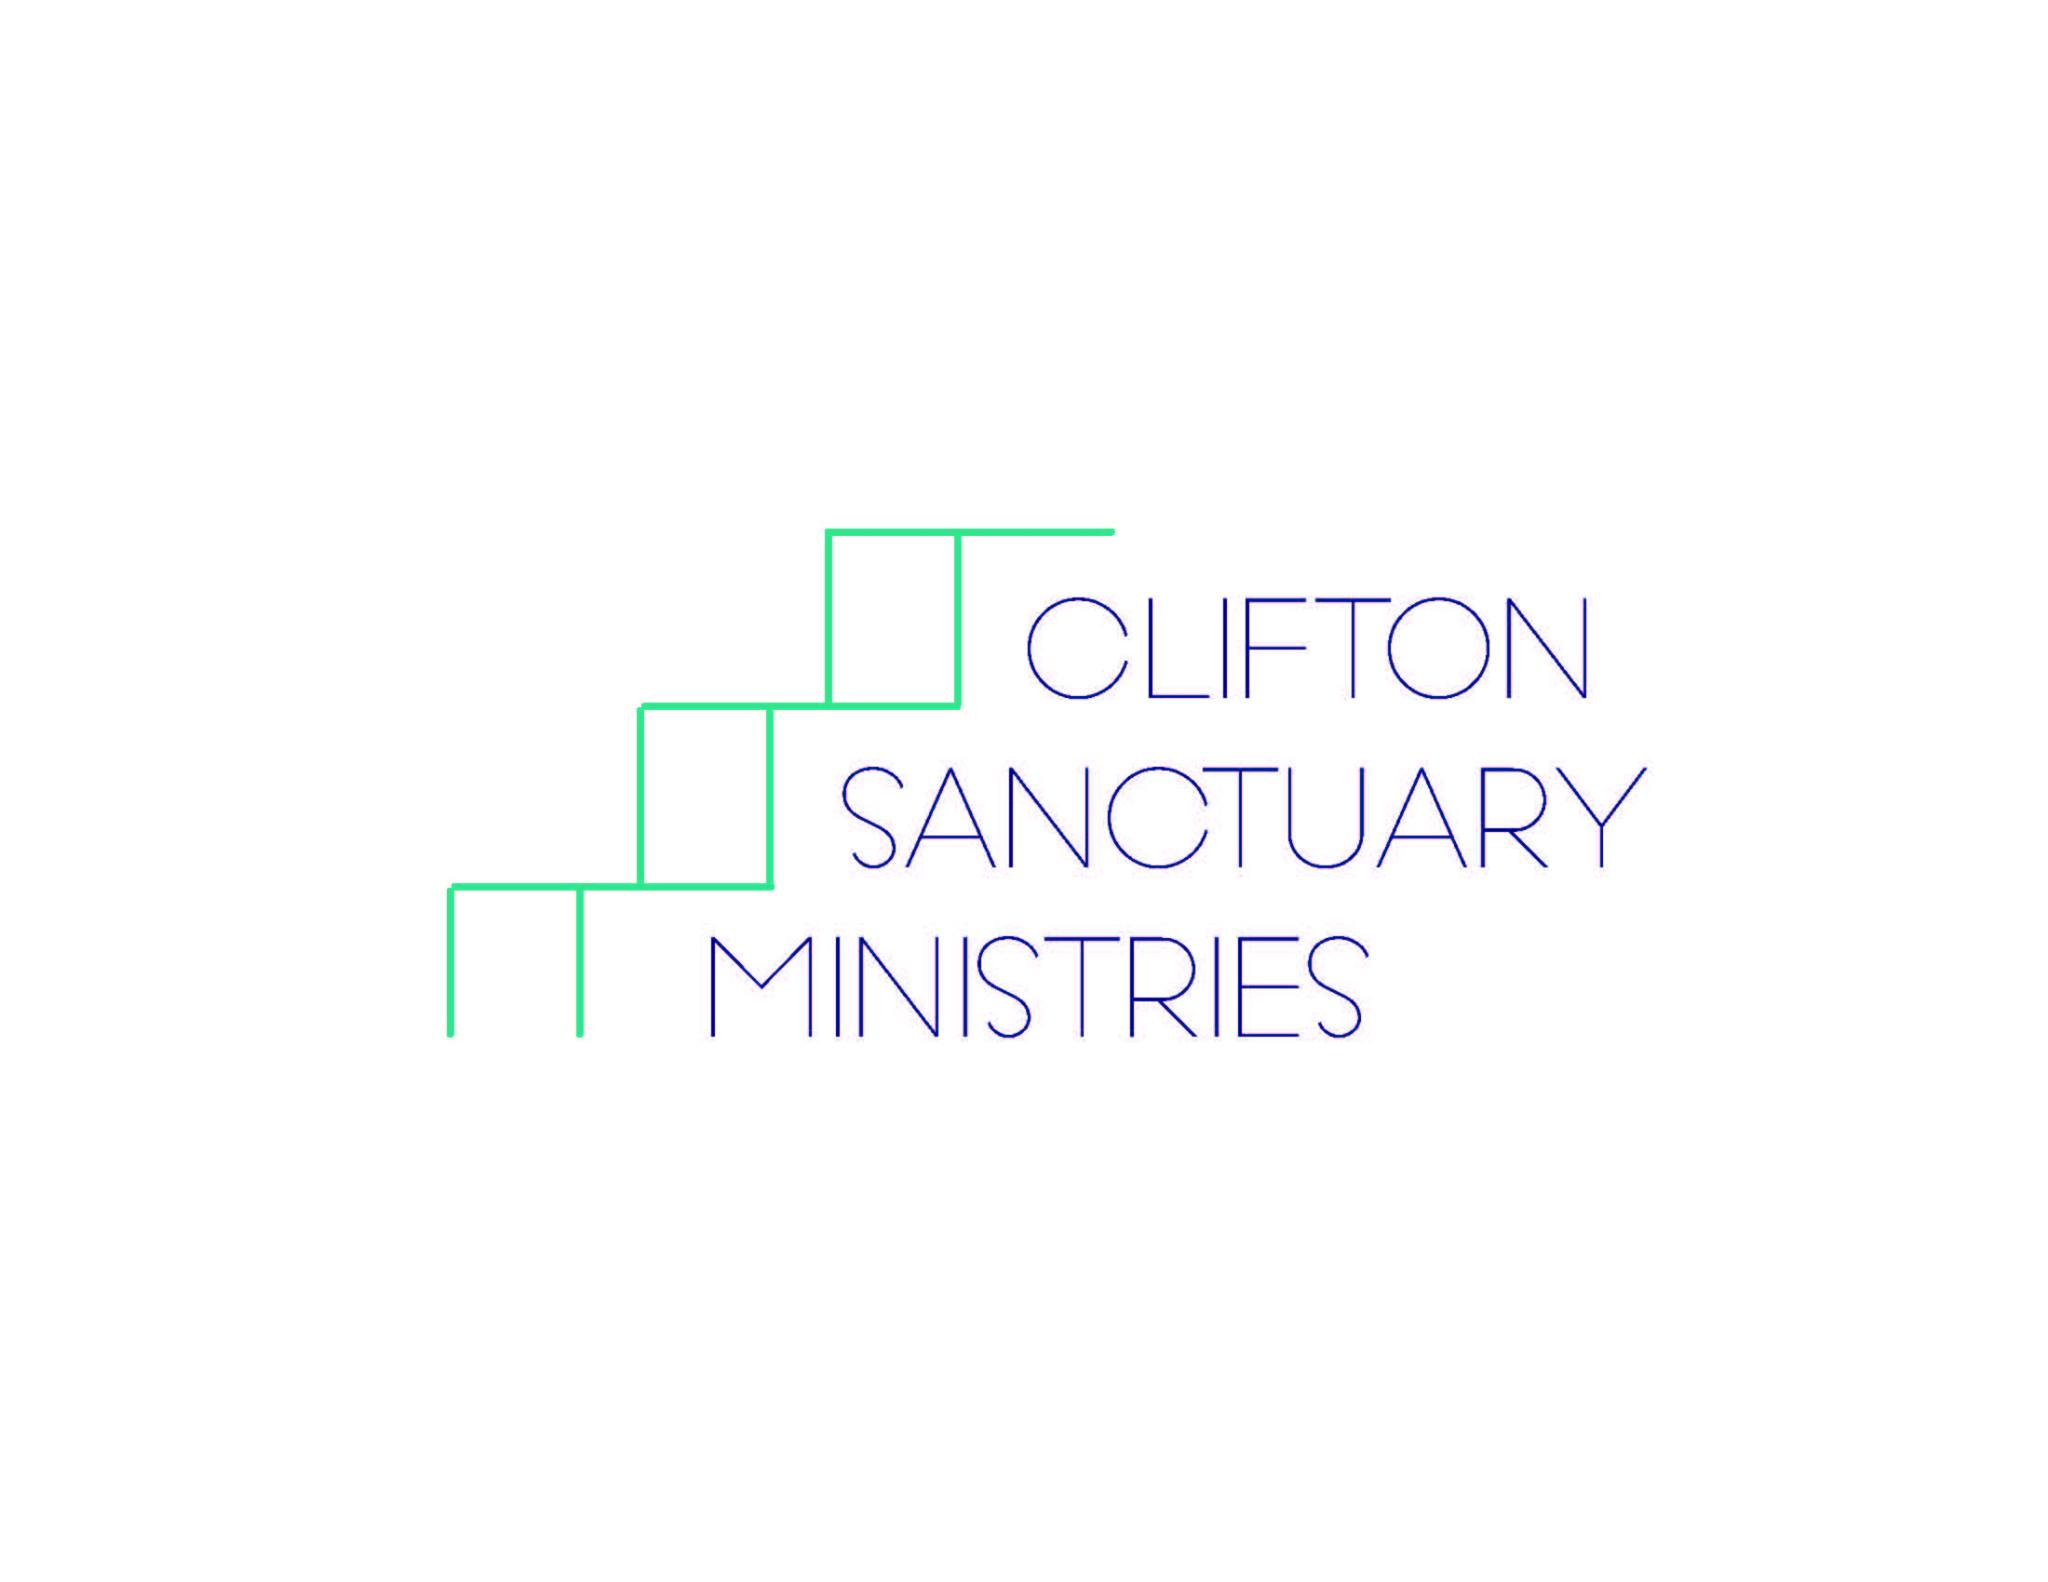 Clifton Sanctuary Ministries Inc